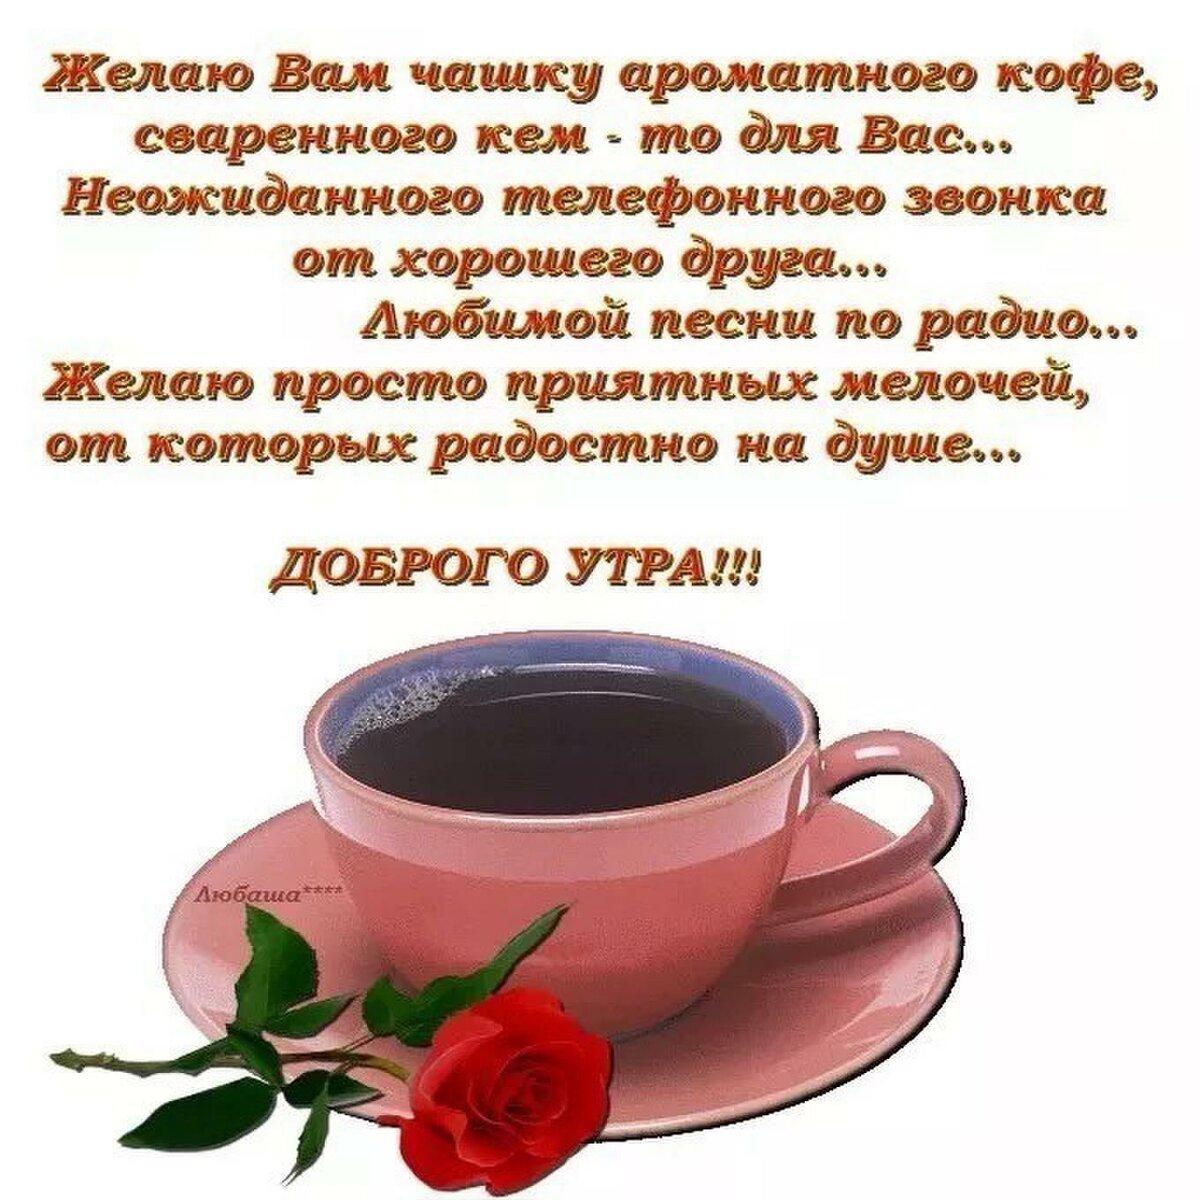 его вами пожелание доброго утра и хорошего дня друзьям презенты